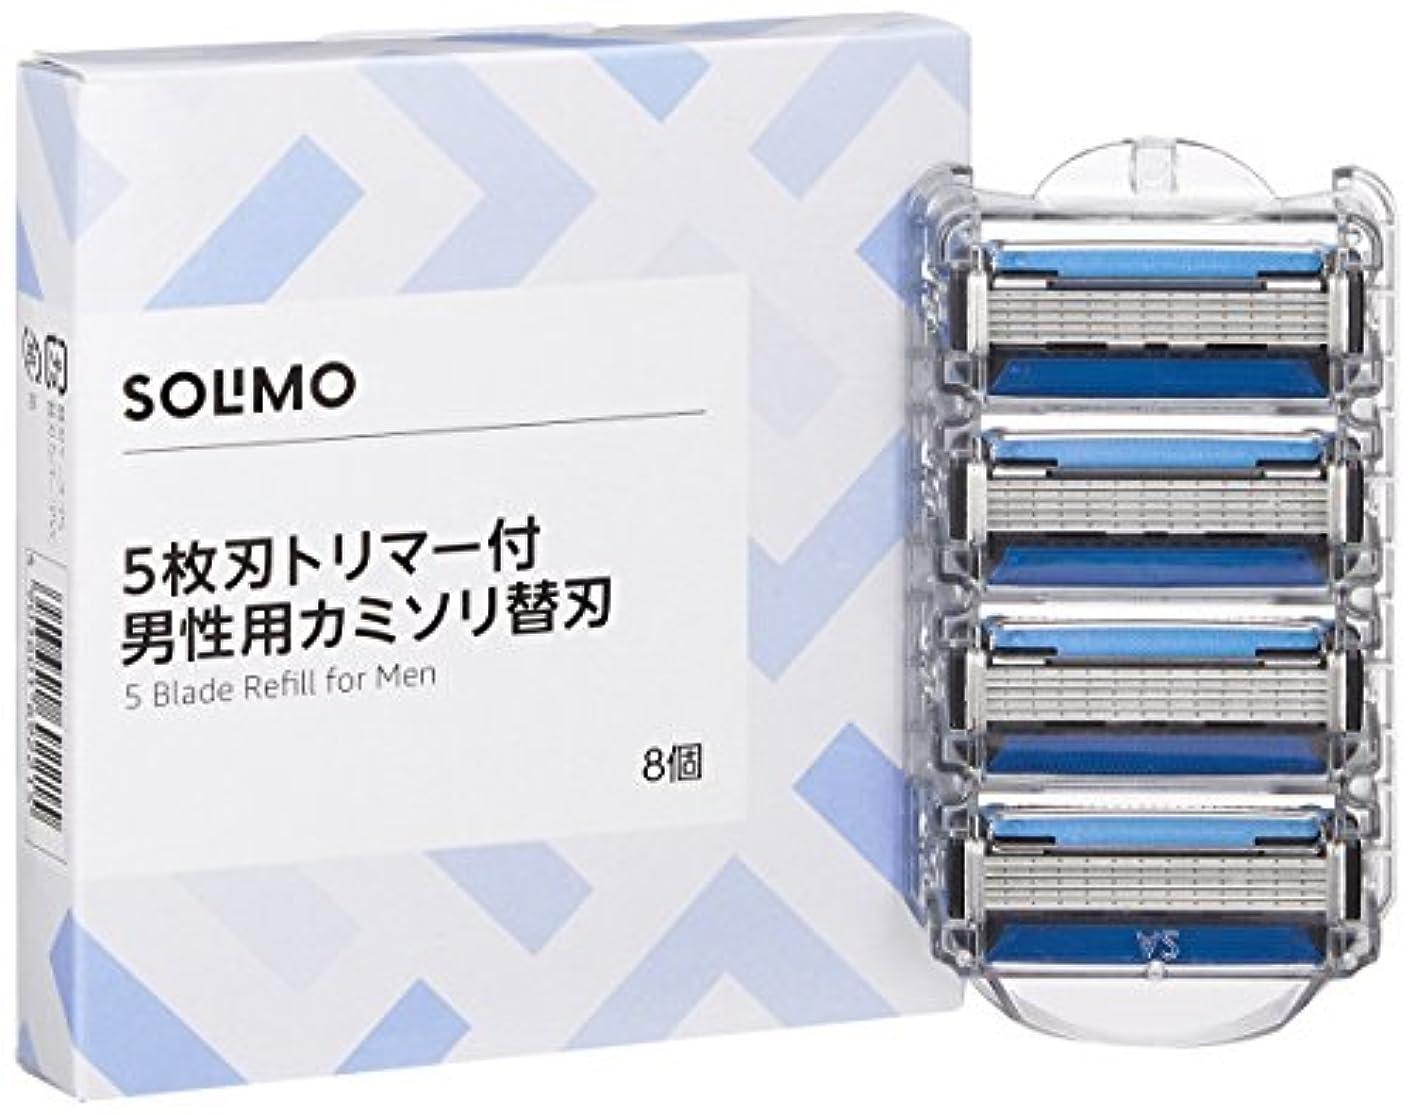 不規則性貫通する疎外する[Amazonブランド]SOLIMO 5枚刃 トリマー付 男性用 カミソリ替刃8個